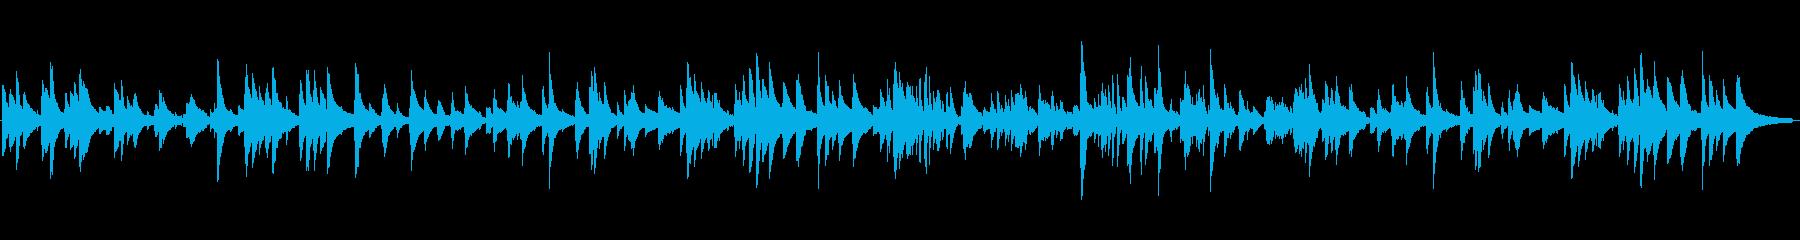 エレガントでセクシーなピアノトリオ...の再生済みの波形